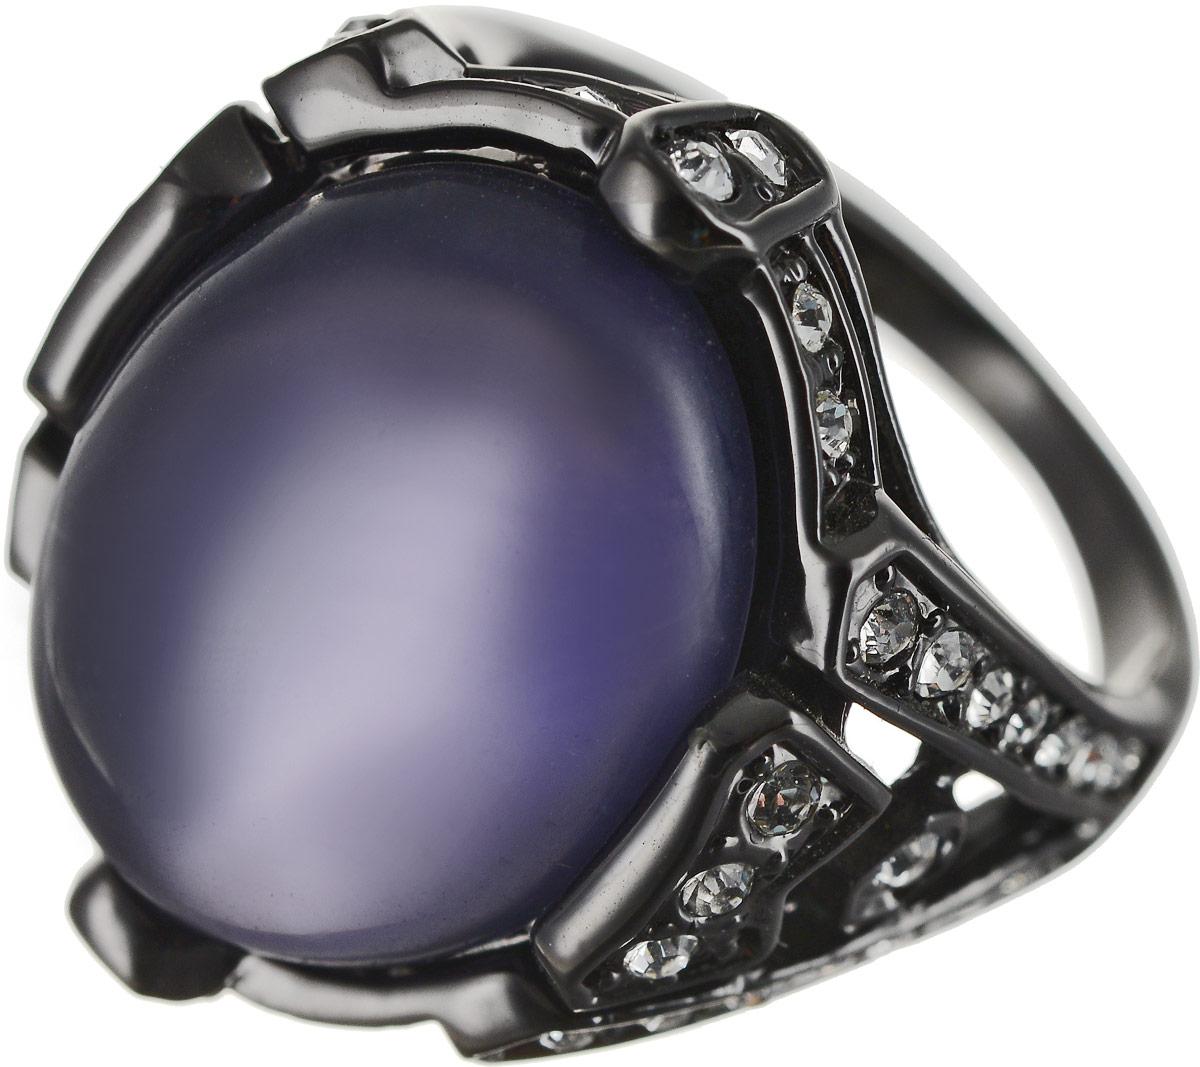 Кольцо Art-Silver, цвет: черный, фиолетовый. M756-635. Размер 18,5M756-635Оригинальное кольцо Art-Silver выполнено из бижутерного сплава с гальваническим покрытием. Кольцо украшено декоративными вставками. Элегантное кольцо Art-Silver превосходно дополнит ваш образ и подчеркнет отменное чувство стиля своей обладательницы.